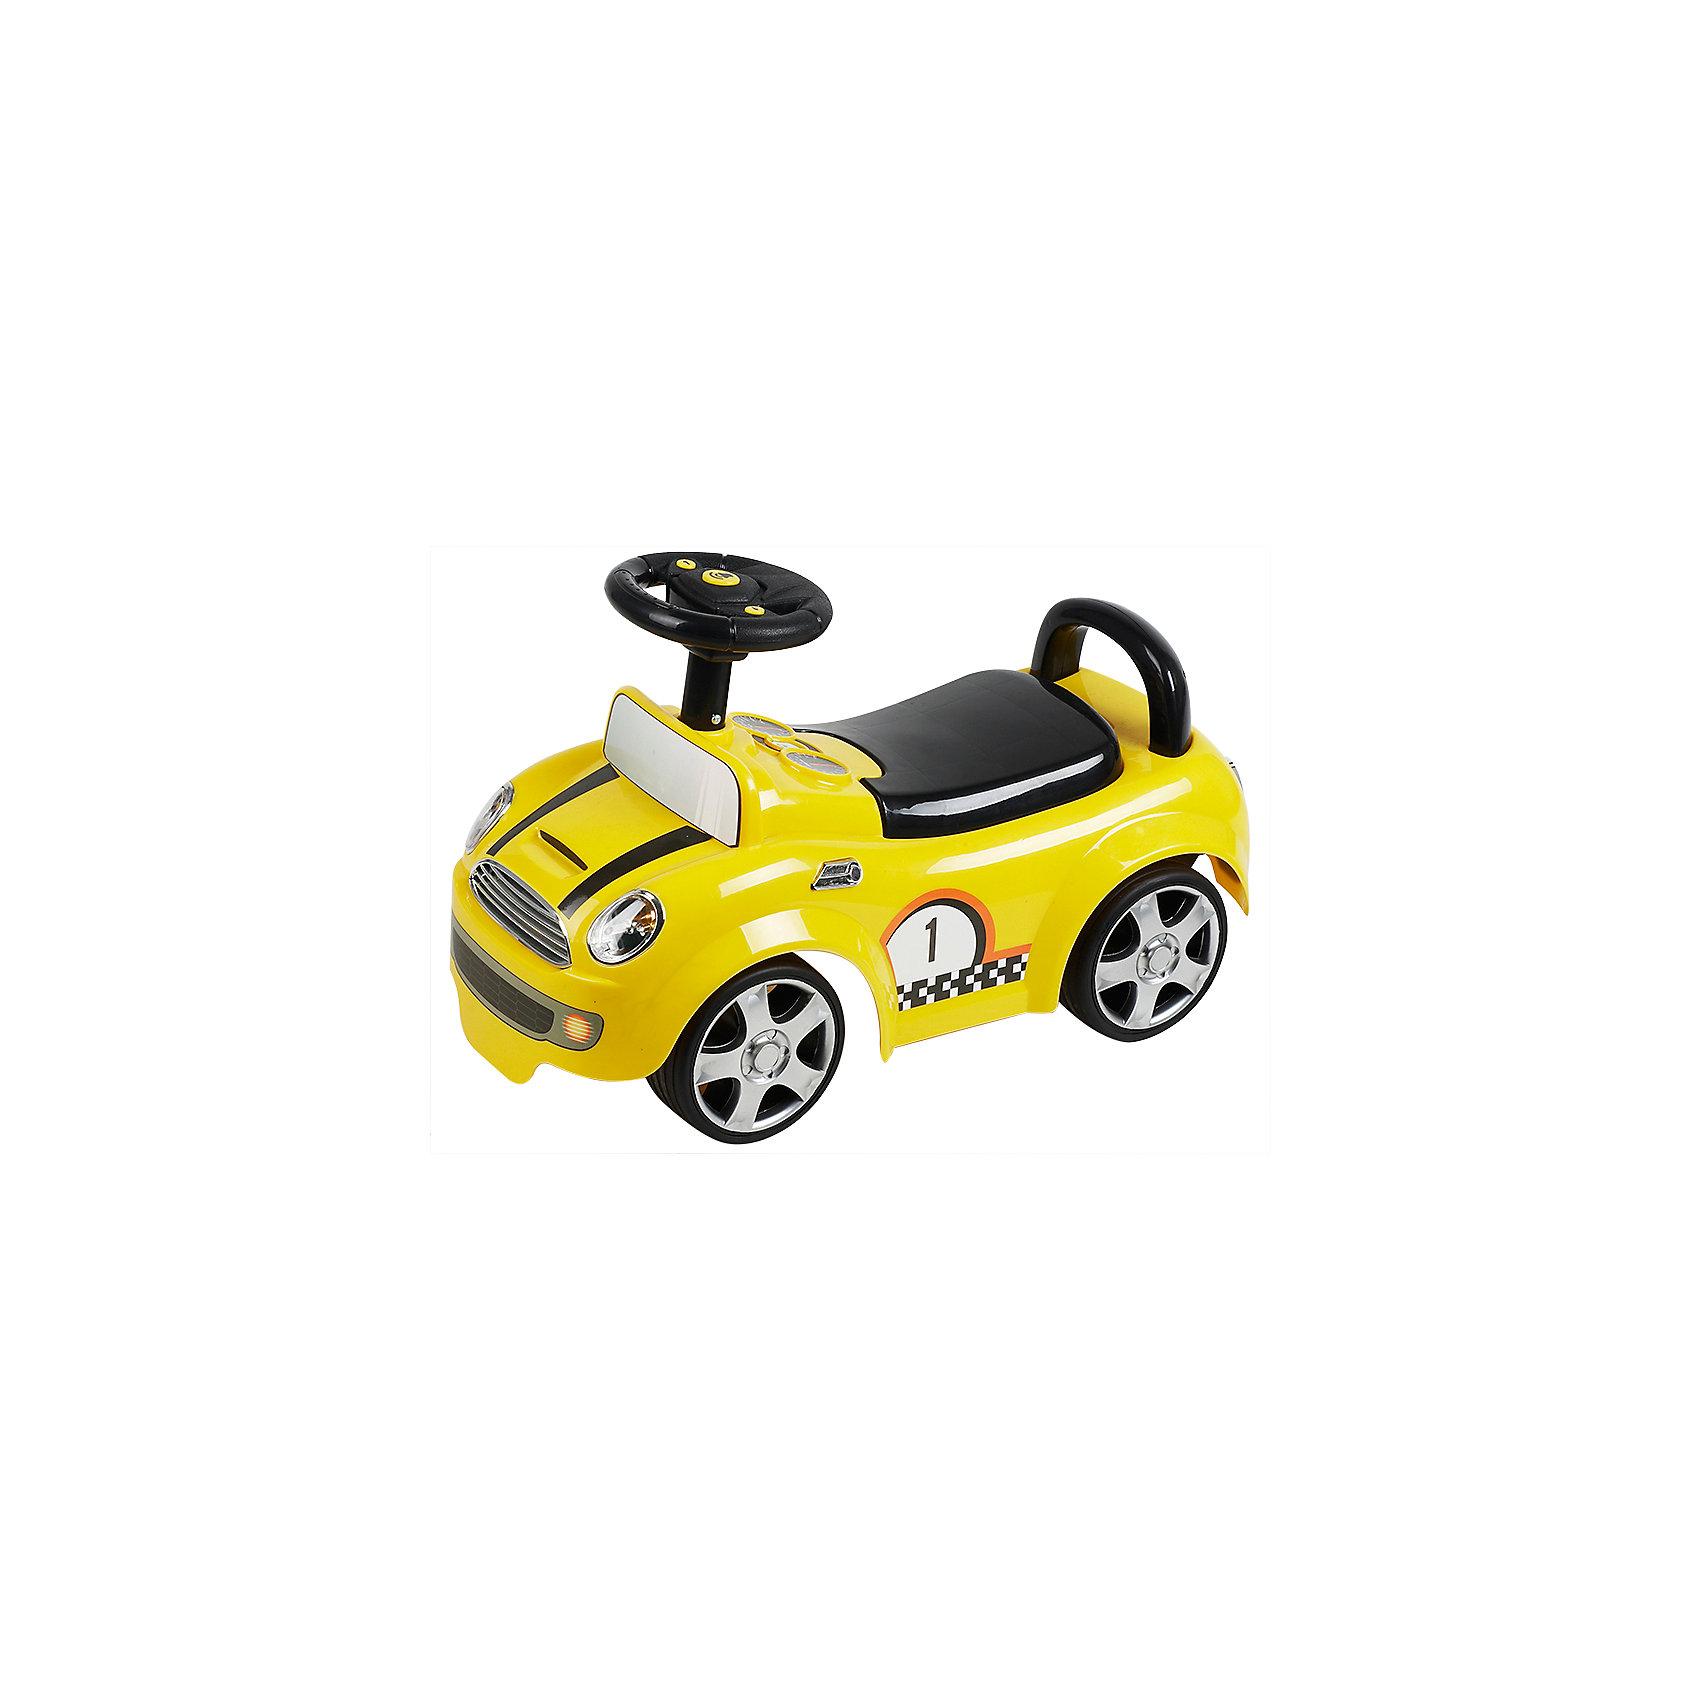 Каталка Гонки, желтая, NINGBO PRINCEКаталка Гонки, желтая, NINGBO PRINCE - осчастливьте своего ребенка безопасной детской машиной.<br>Благодаря тому, что каталка имеет устойчивую конструкцию и колеса с поворотом на 90 градусов, она полностью безопасна для ребенка, даже если он любит быструю езду.  На руле есть кнопка для звукового сигнала. Ход машины очень плавный, может ездить вперед и назад. Есть вместительный багажник для игрушек или вещей, под сиденьем.<br><br>Дополнительная информация:<br><br>- размер: 64*31*25 см<br>- вес: 3,40 кг<br>- возраст: от 1 до 3 лет<br>- максимальный вес: до 30 кг<br>- цвет: желтый<br><br>Каталку Гонки, желтую, NINGBO PRINCE  можно купить в нашем интернет магазине.<br><br>Ширина мм: 900<br>Глубина мм: 900<br>Высота мм: 500<br>Вес г: 3400<br>Возраст от месяцев: 12<br>Возраст до месяцев: 36<br>Пол: Унисекс<br>Возраст: Детский<br>SKU: 4995153